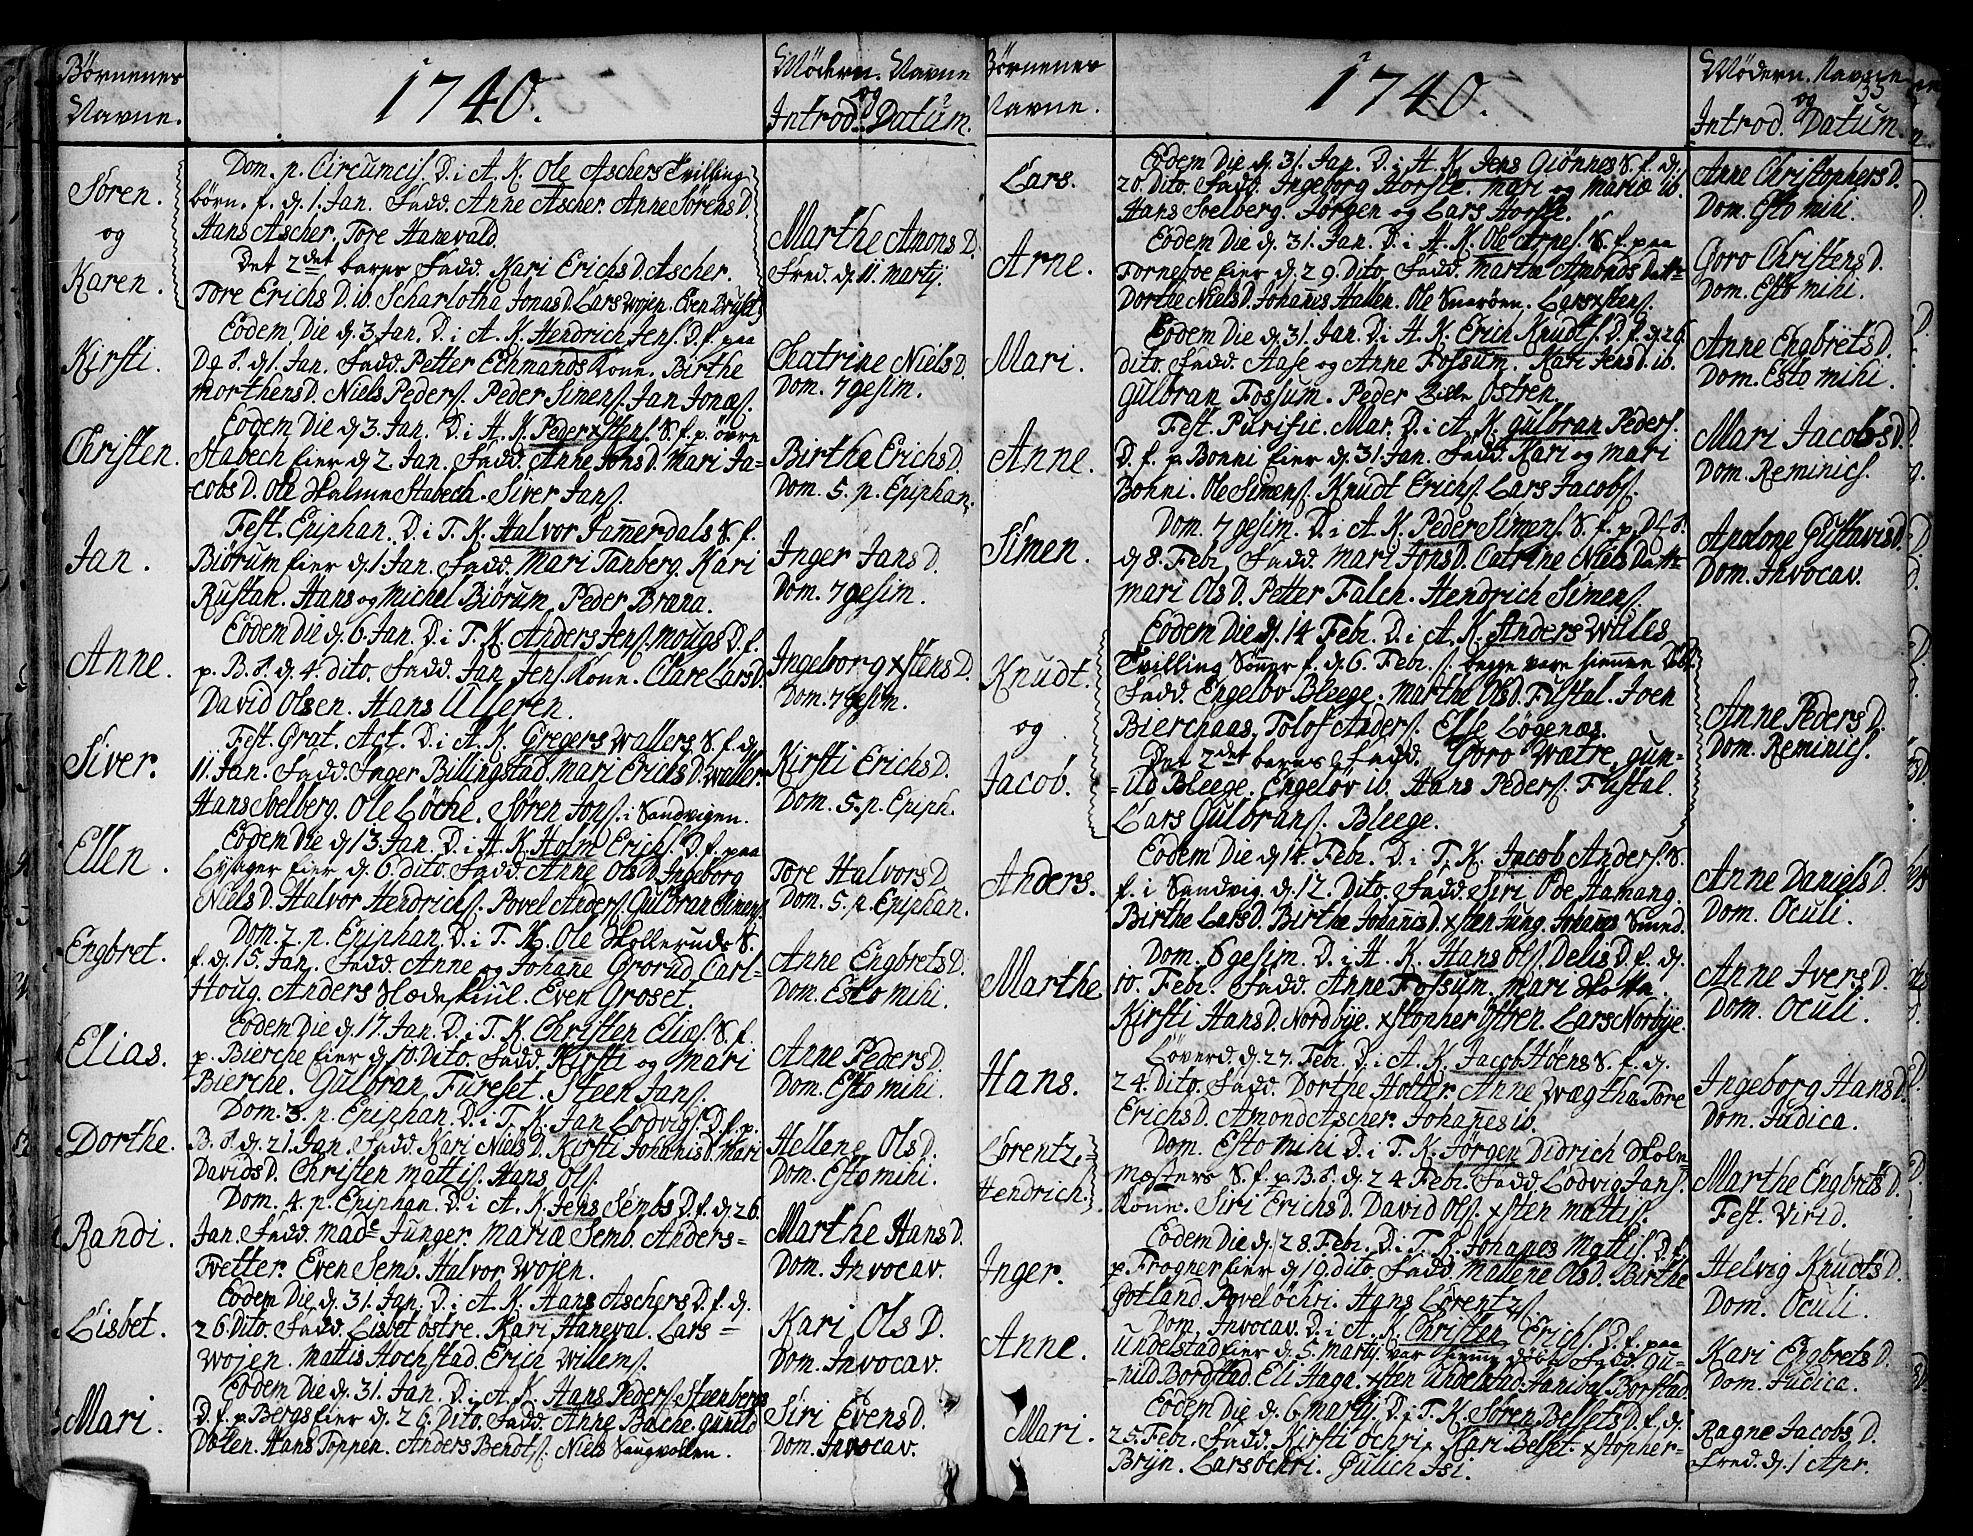 SAO, Asker prestekontor Kirkebøker, F/Fa/L0002: Ministerialbok nr. I 2, 1733-1766, s. 35